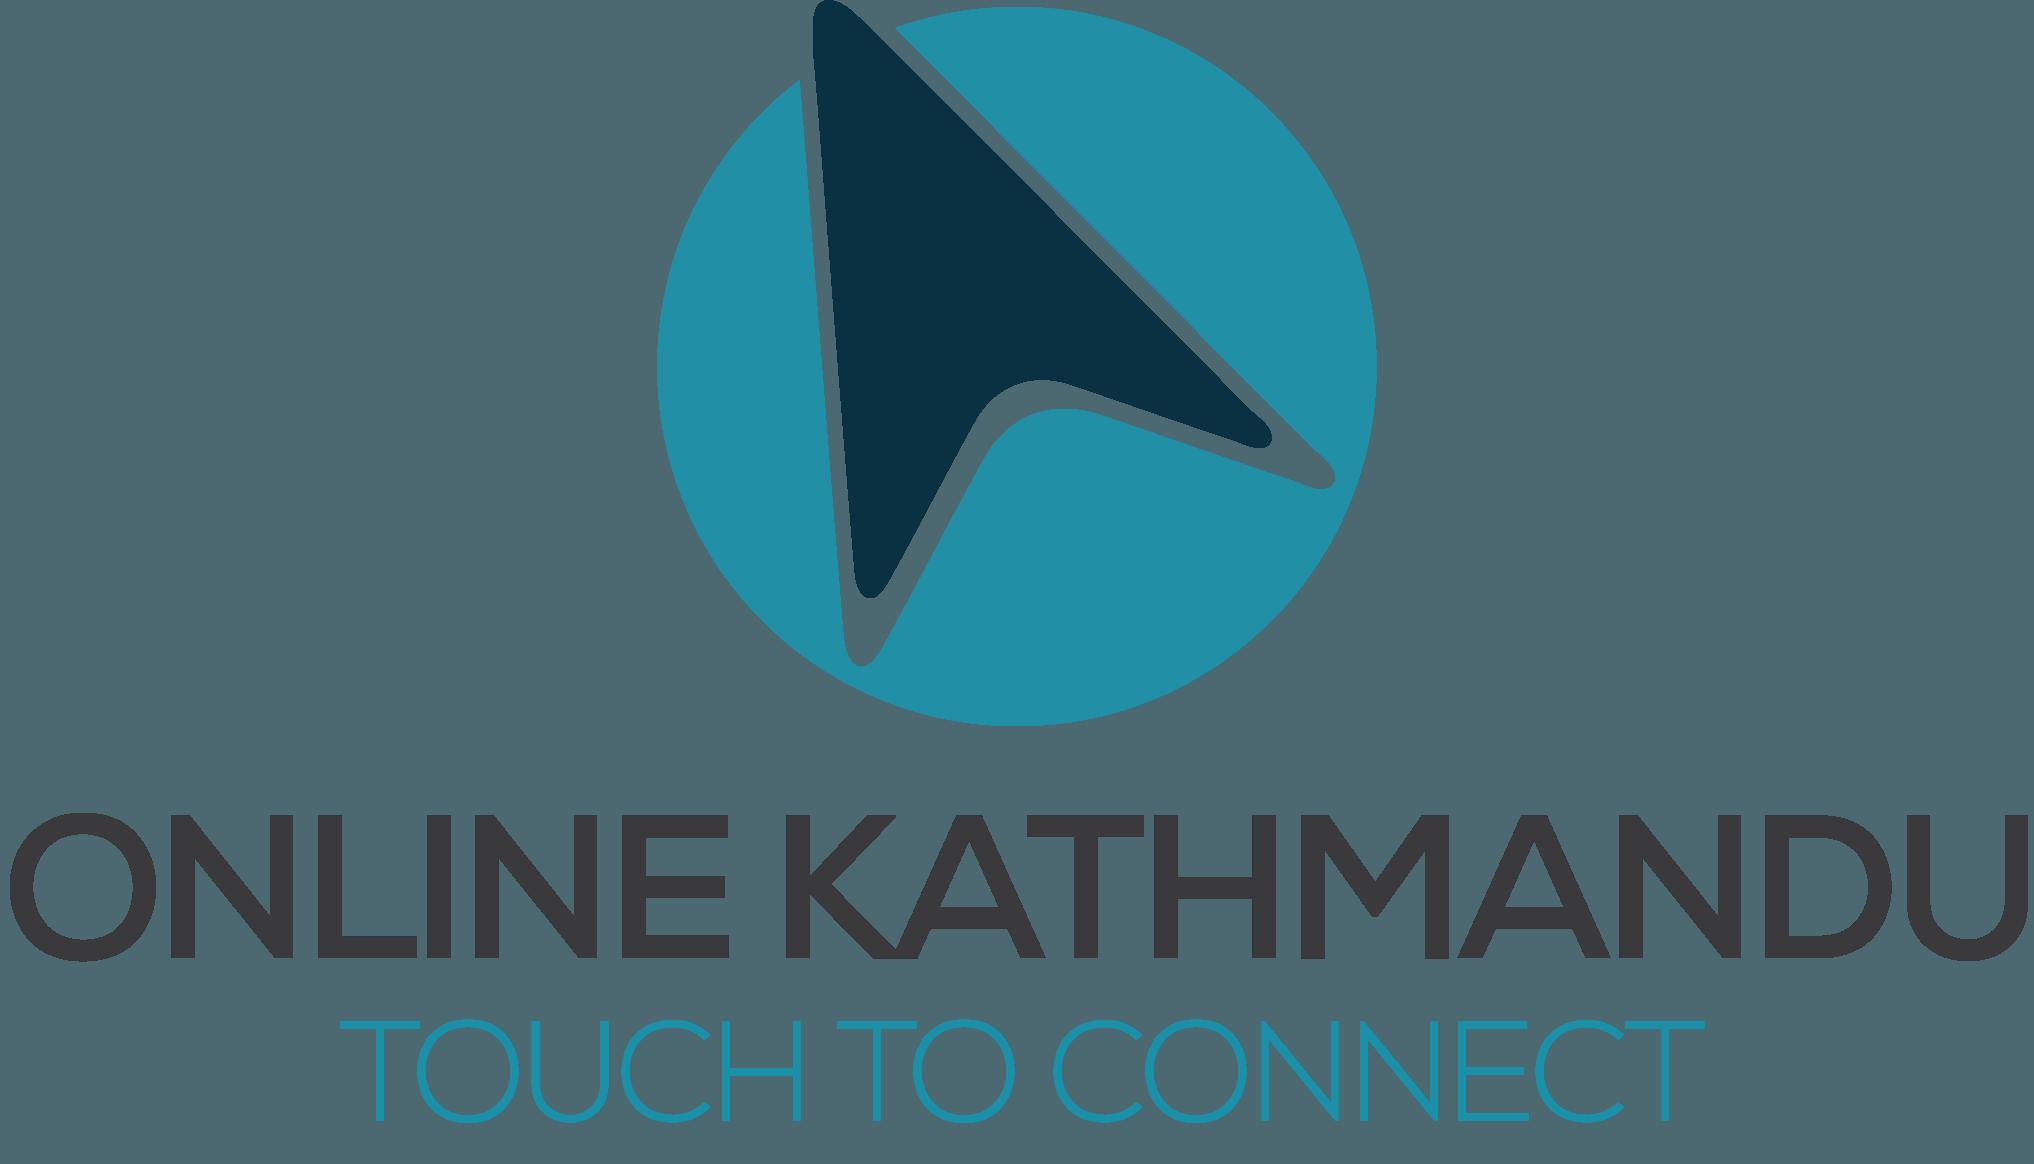 Online Kathmandu